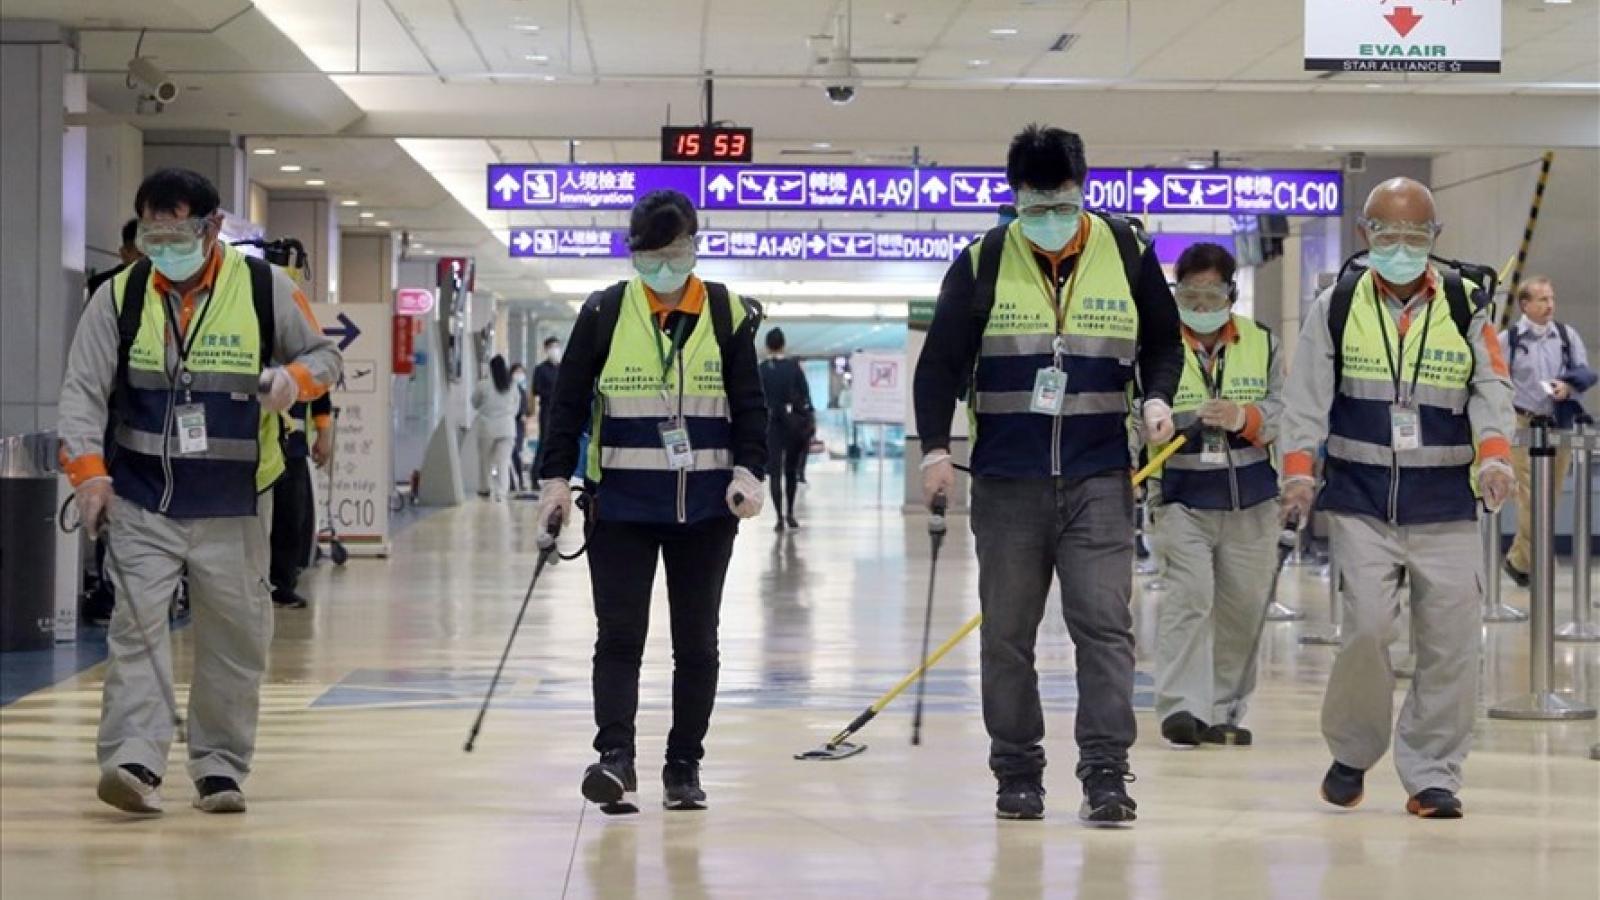 Đài Loan (Trung Quốc) ghi nhậnhơn 700 ca mắc Covid-19 mới